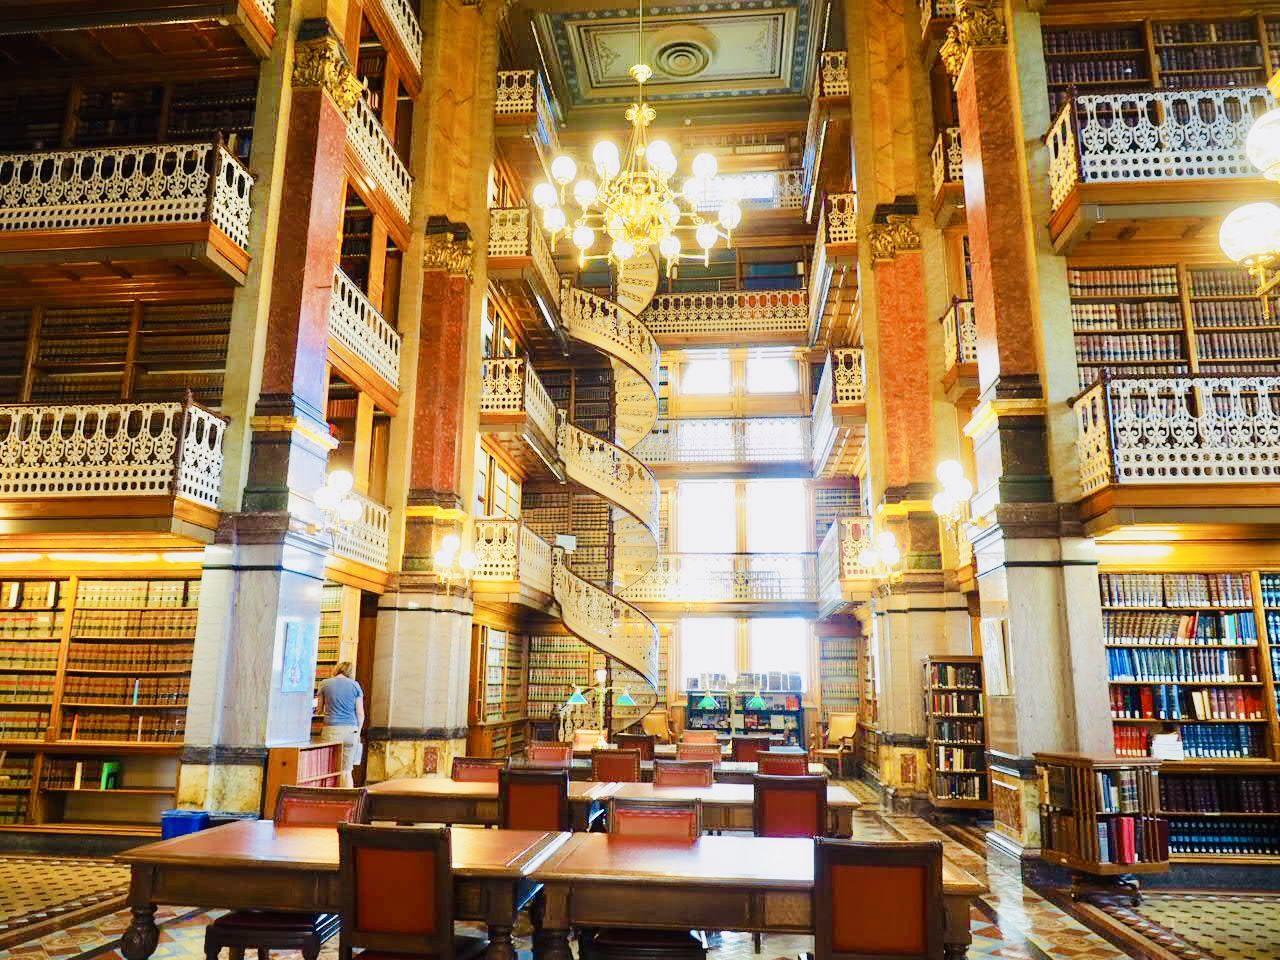 息を飲むほど美しい図書館!アイオワ州立法図書館